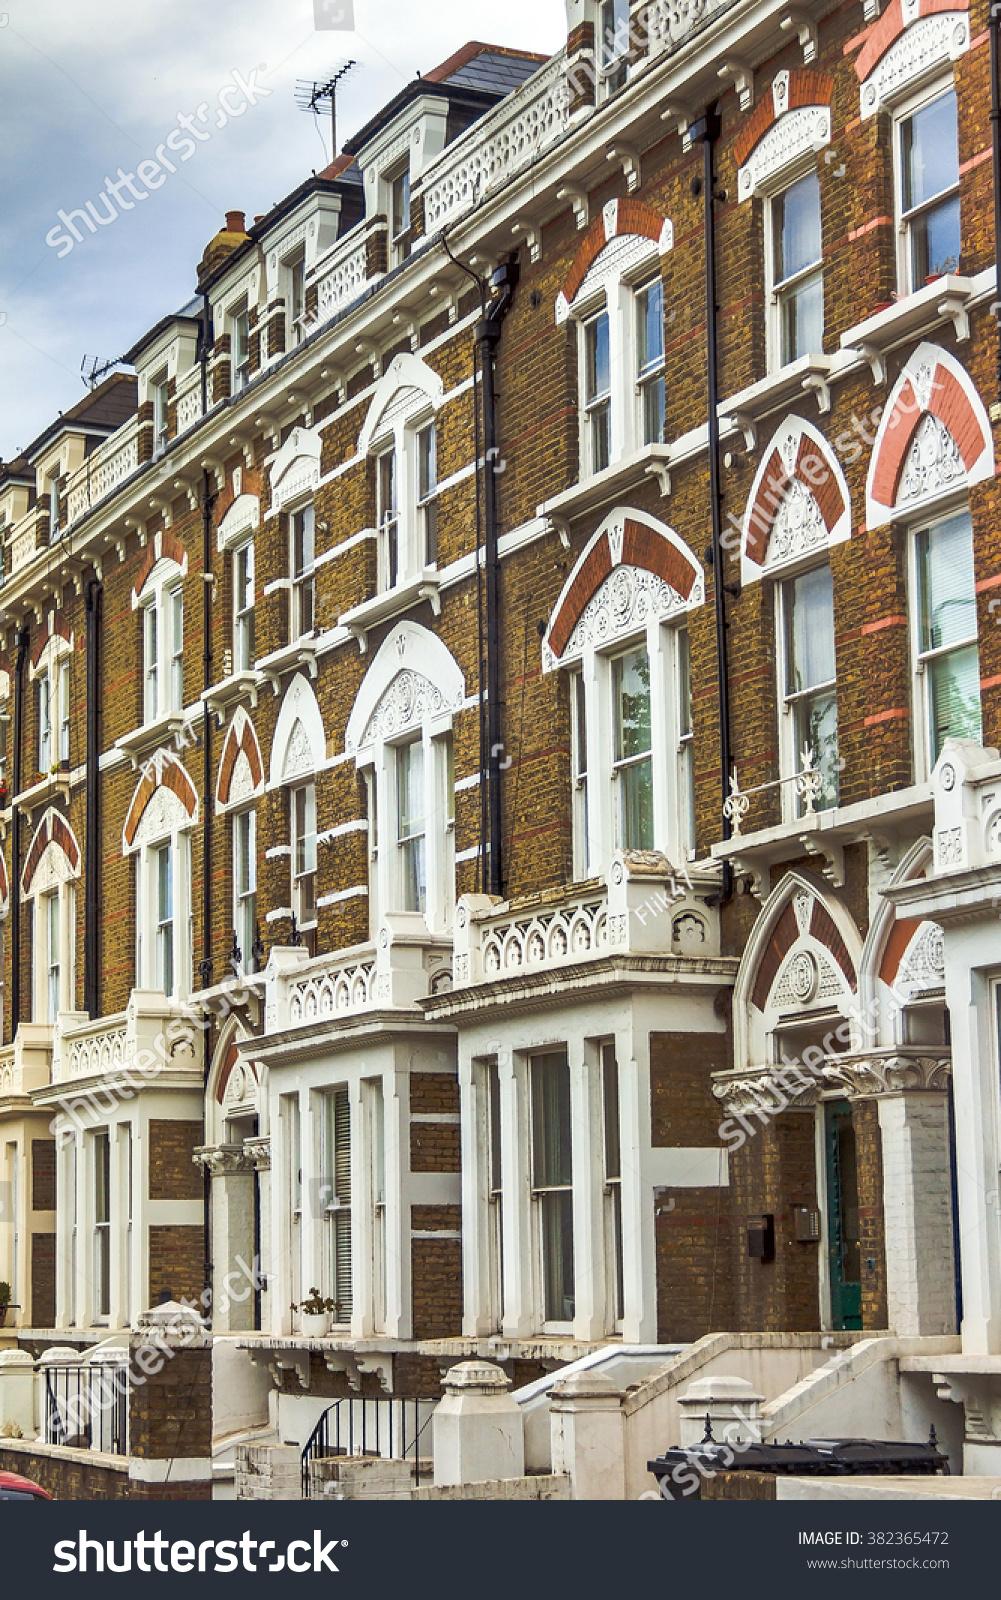 london uk june 5 2015 old apartment red brick houses in kensington - Brick Apartment 2015